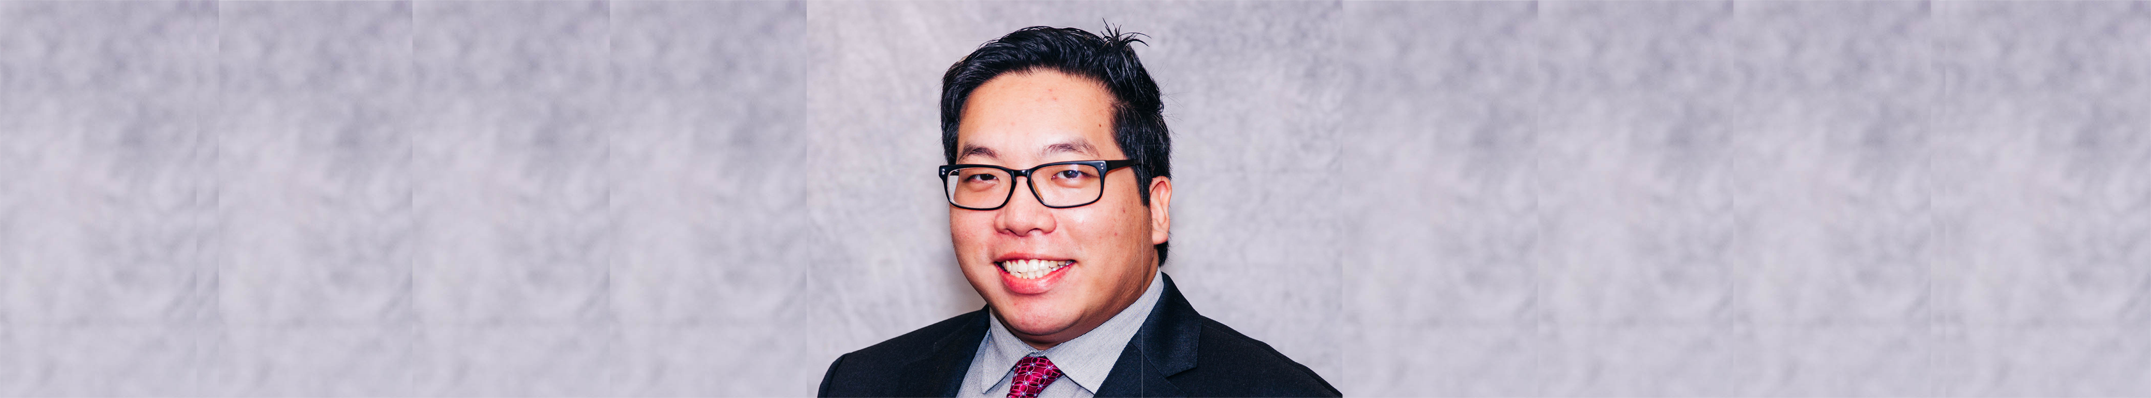 Seong Hong, Associate at Pitzer Snodgrass, P.C.